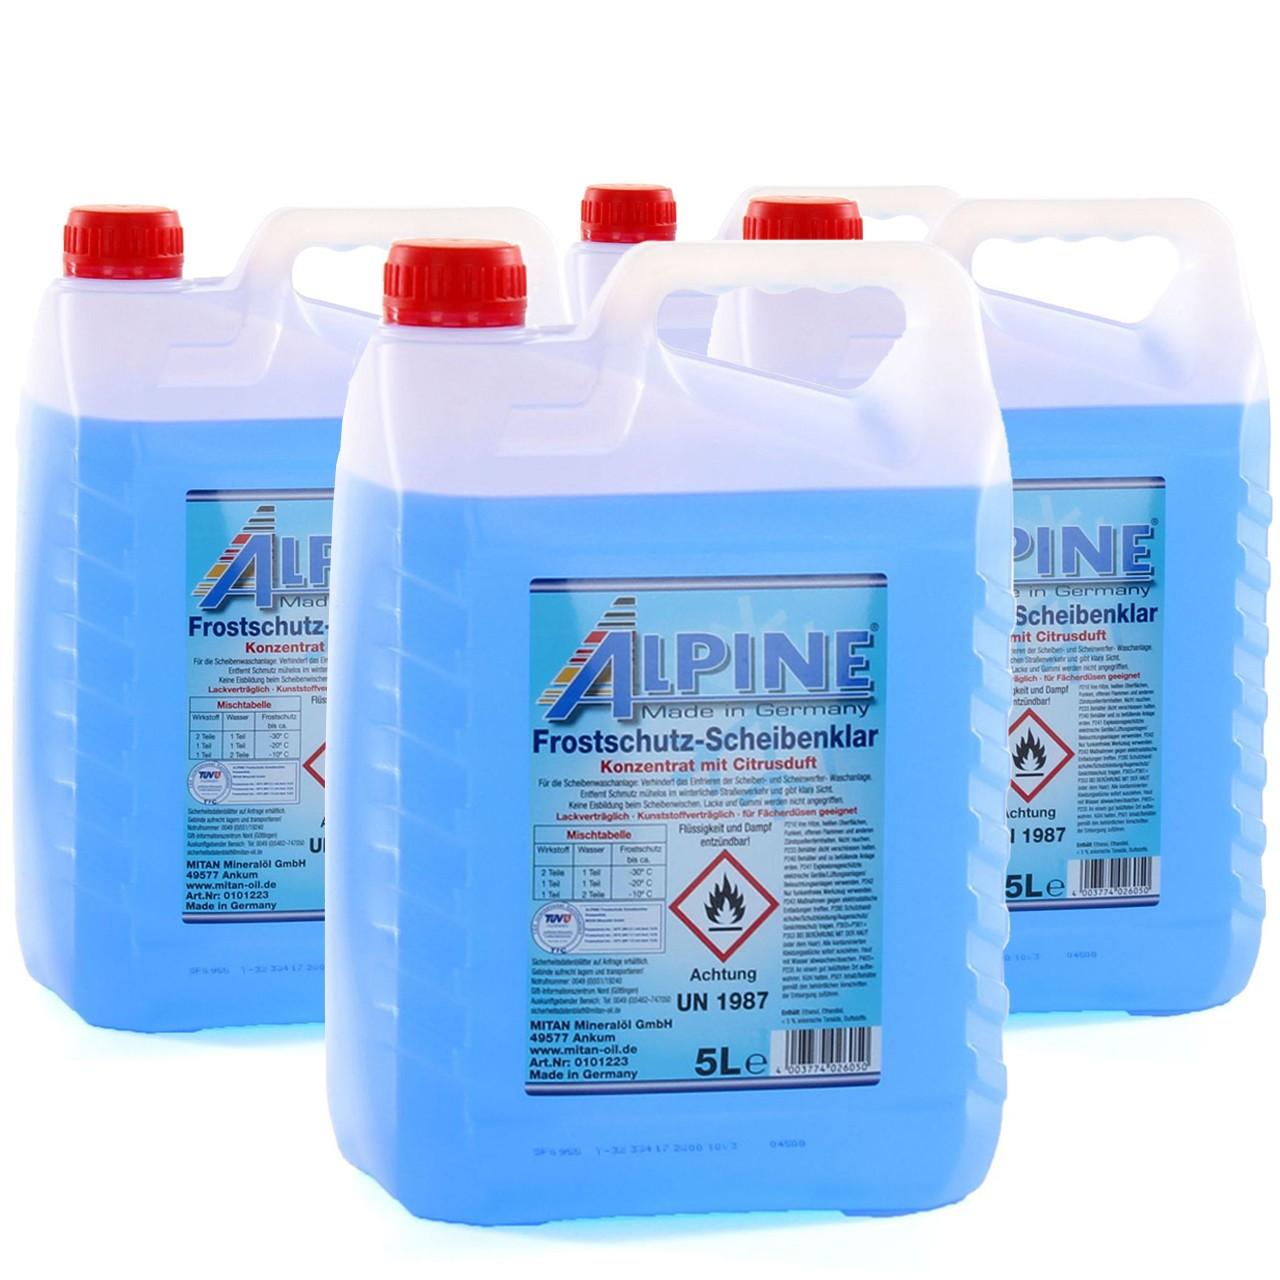 ALPINE Frostschutz SCHEIBENKLAR Scheibenfrostschutz Konzentrat -60°C BLAU 4x 5L